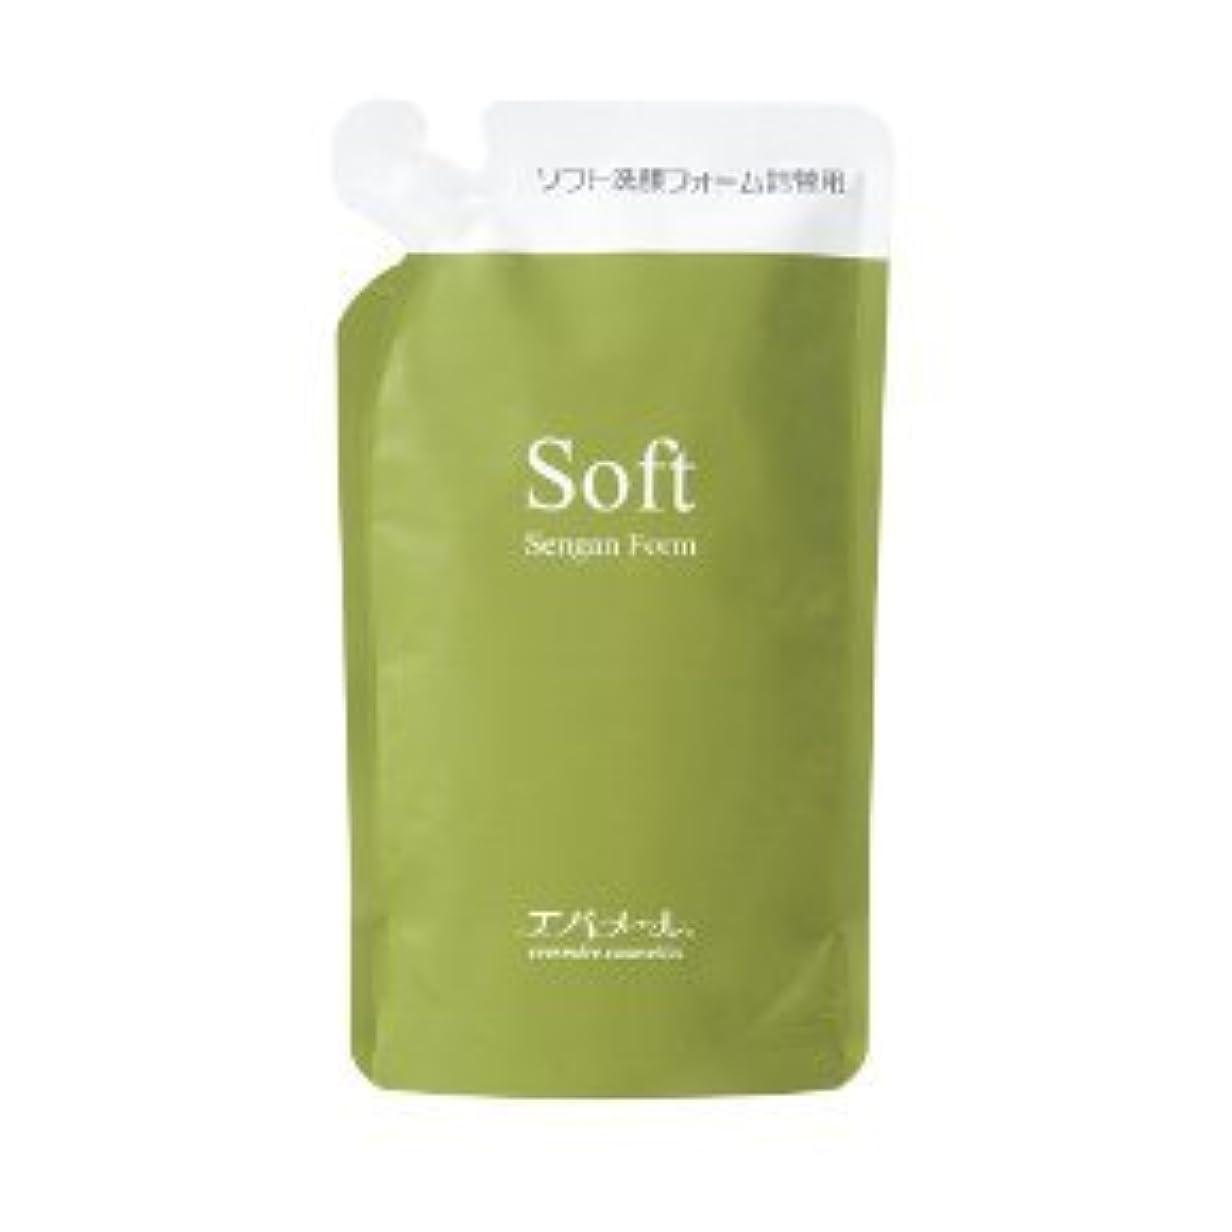 ビタミン歴史的延ばすエバメール ソフト洗顔フォーム 200ml レフィル